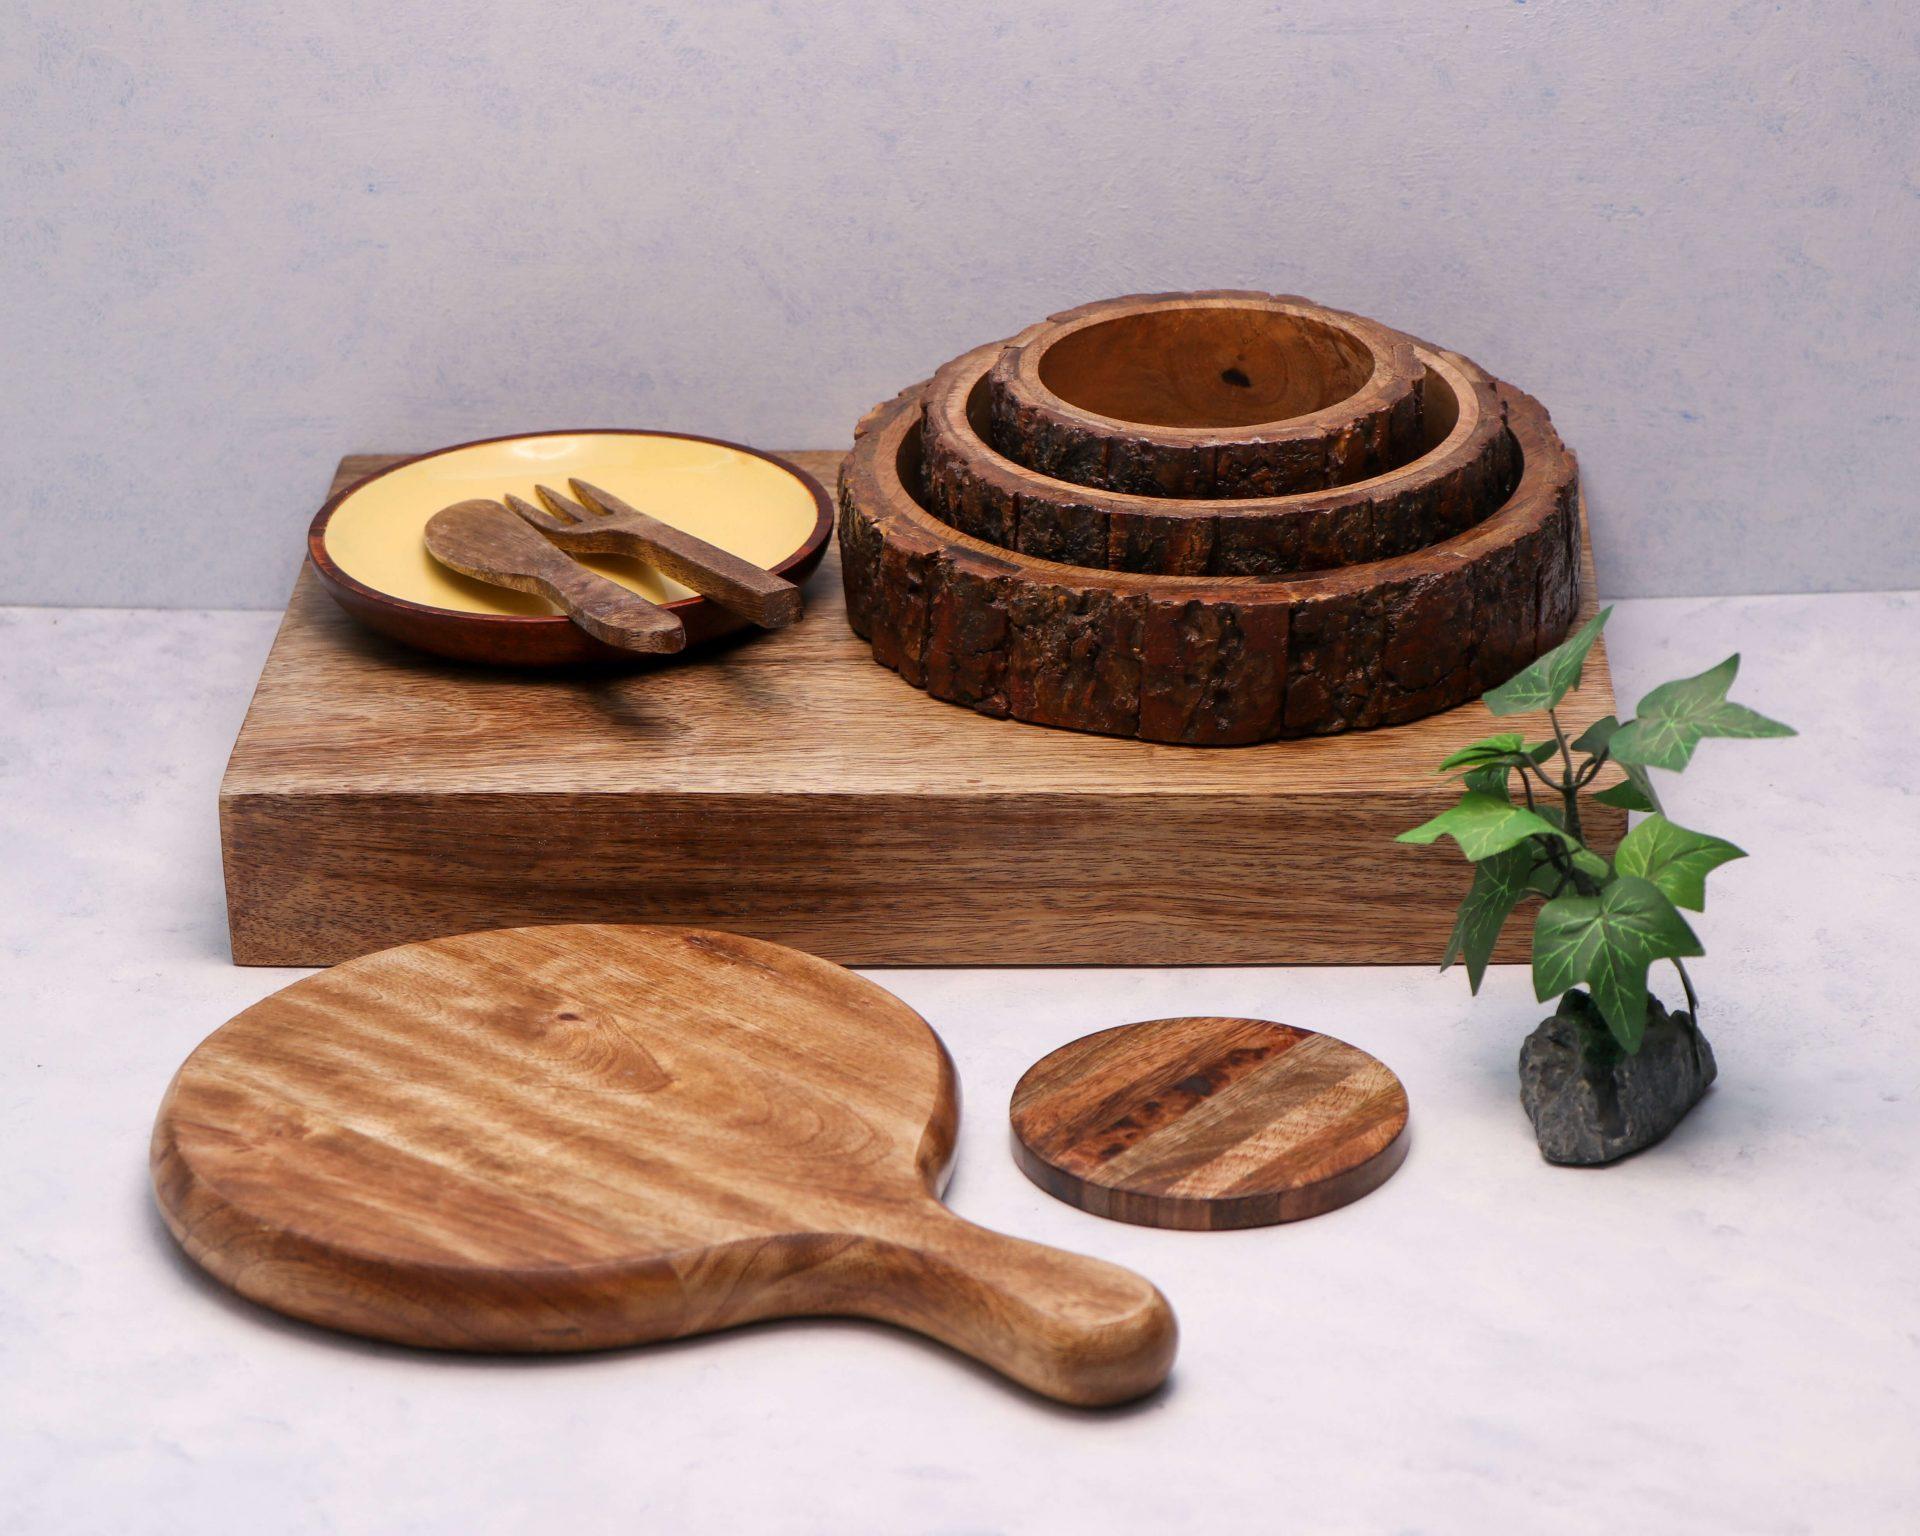 Rental Wooden Props- Pune Prop Store